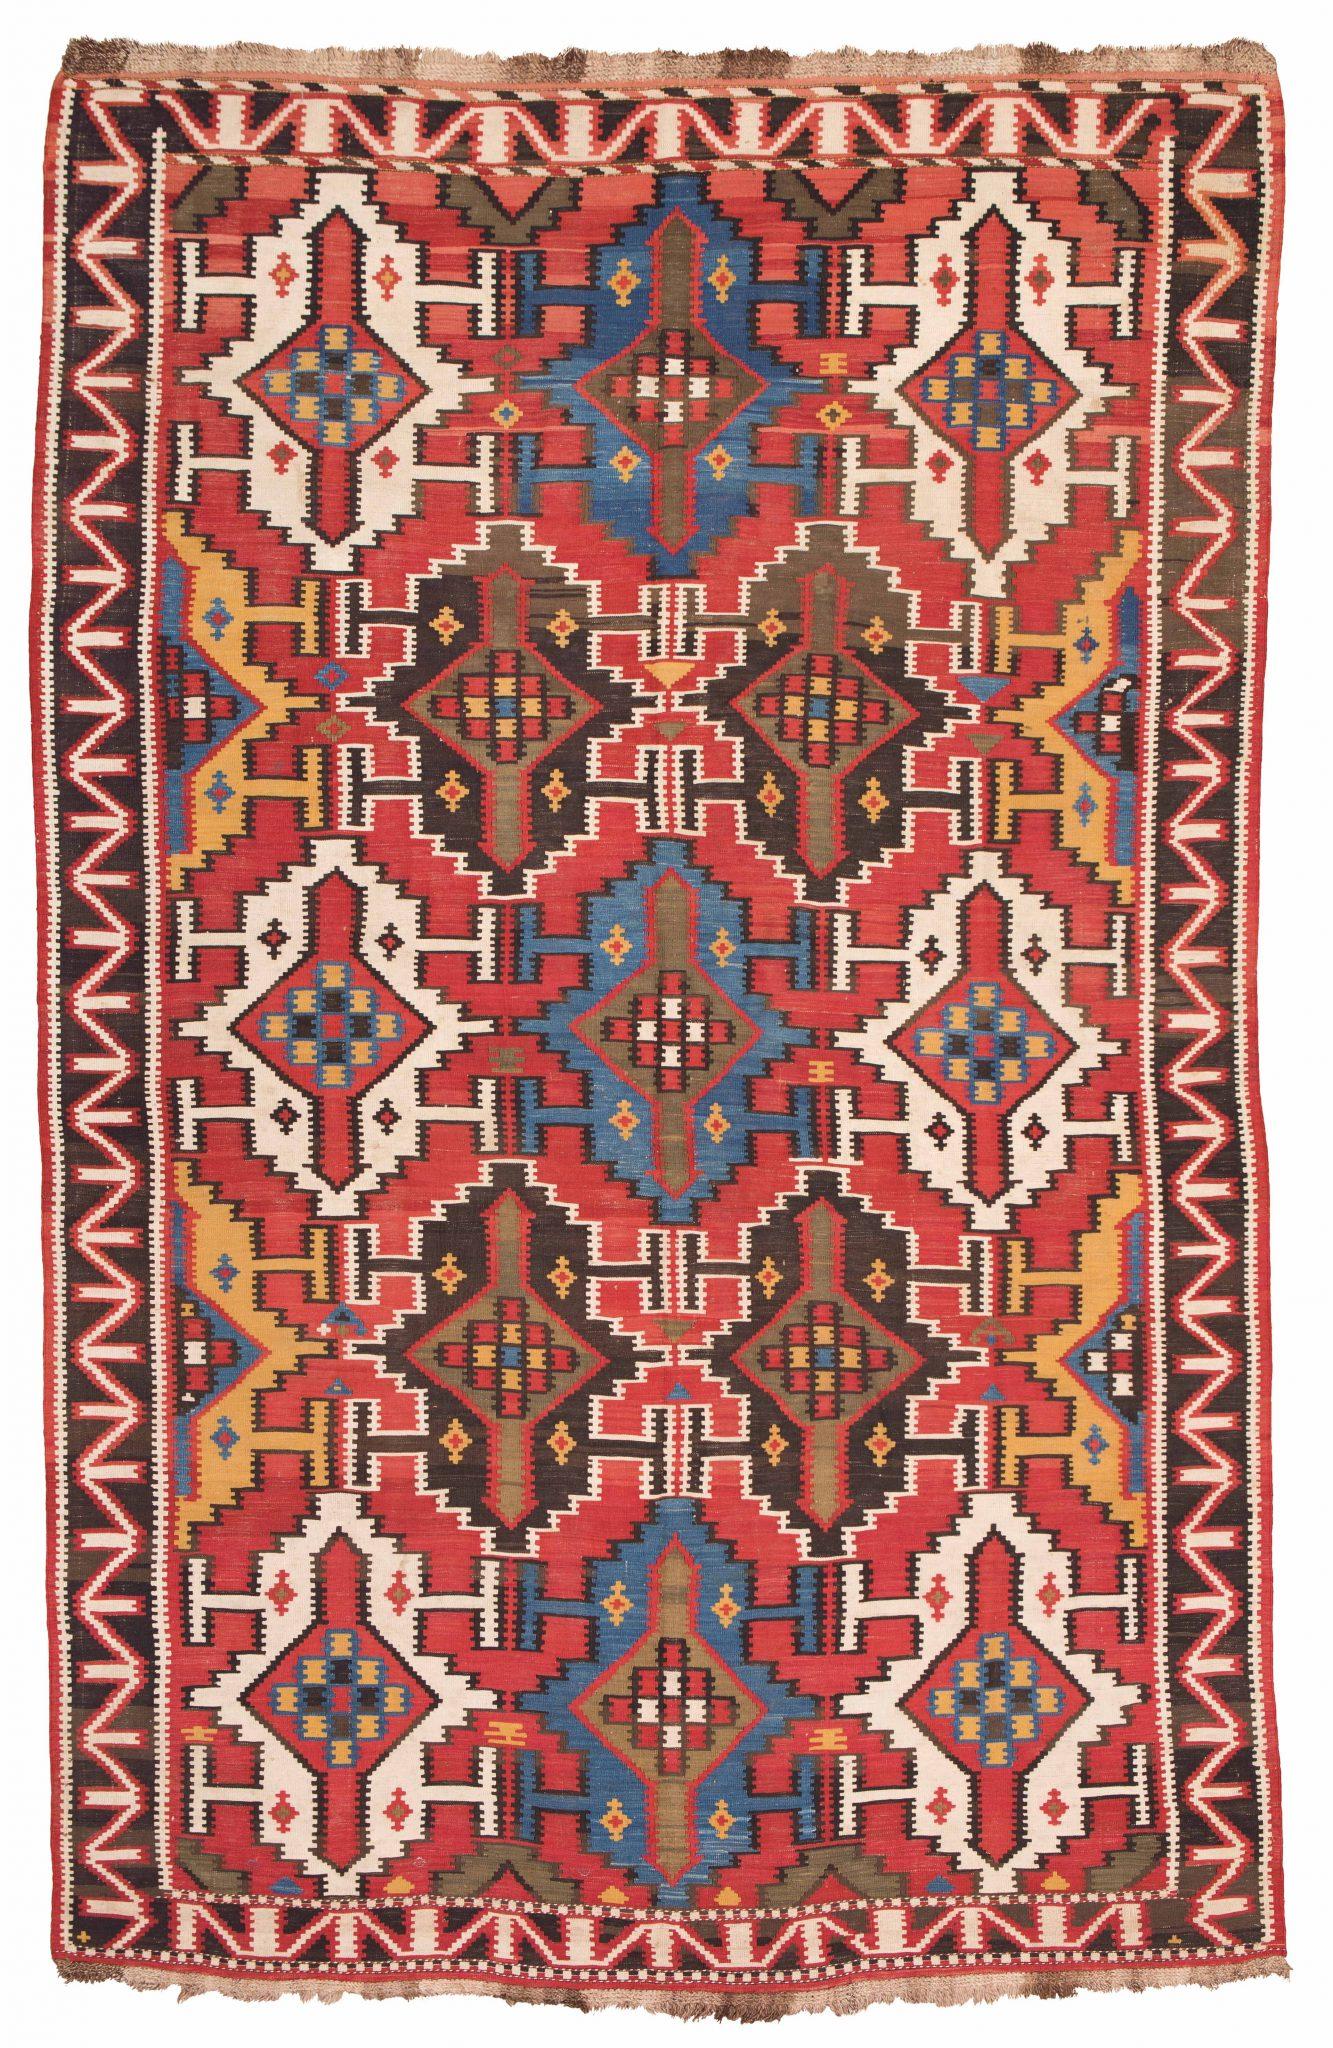 Rarità dell'arte tessile all'asta. A giugno, da Wannenes a Milano